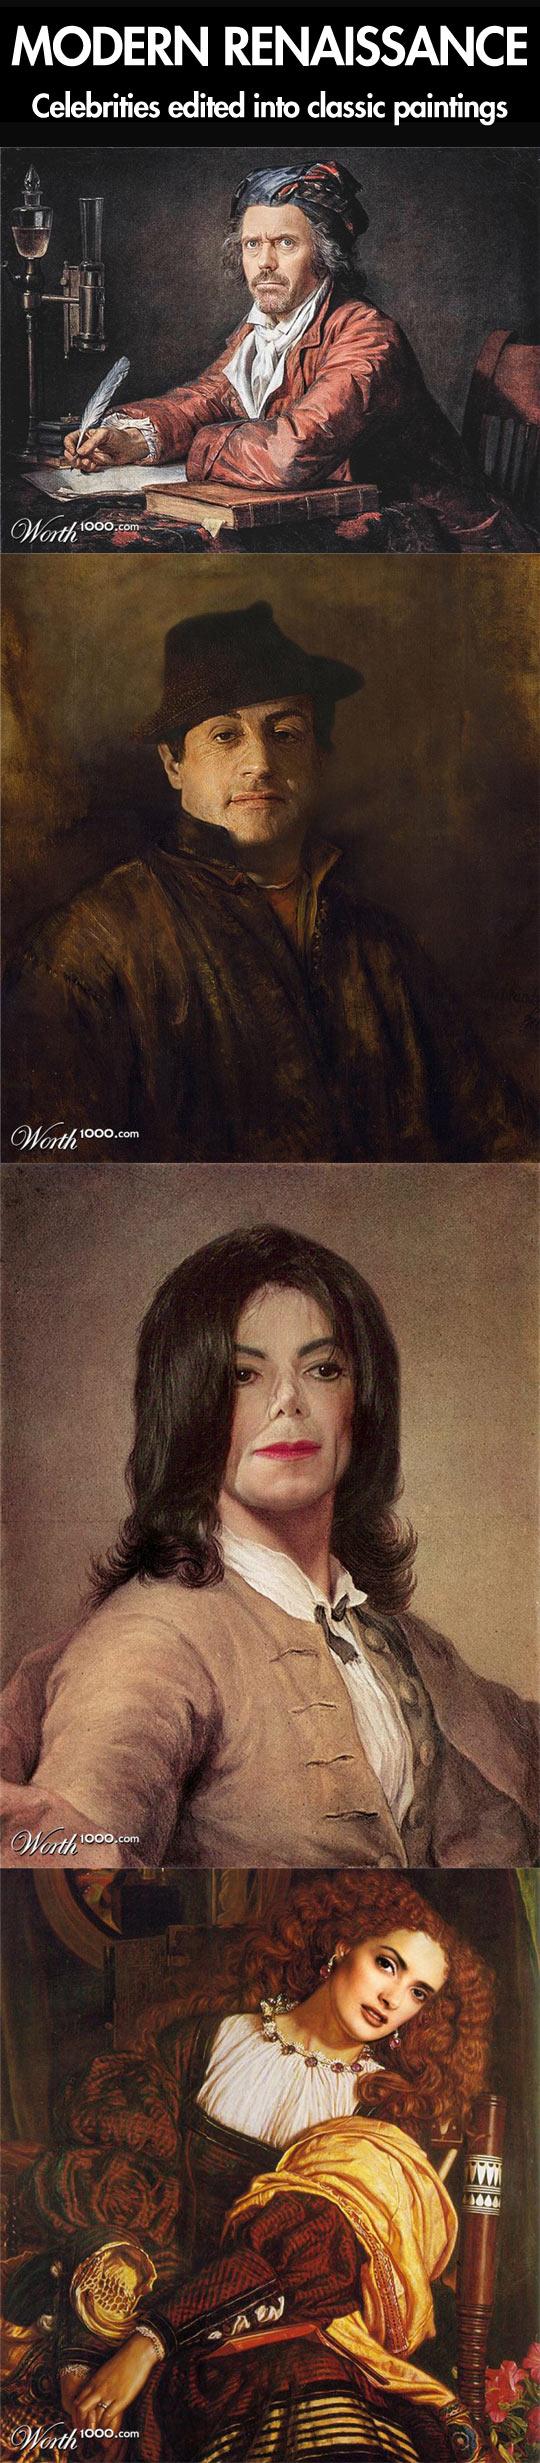 Modern Renaissance celebrities...